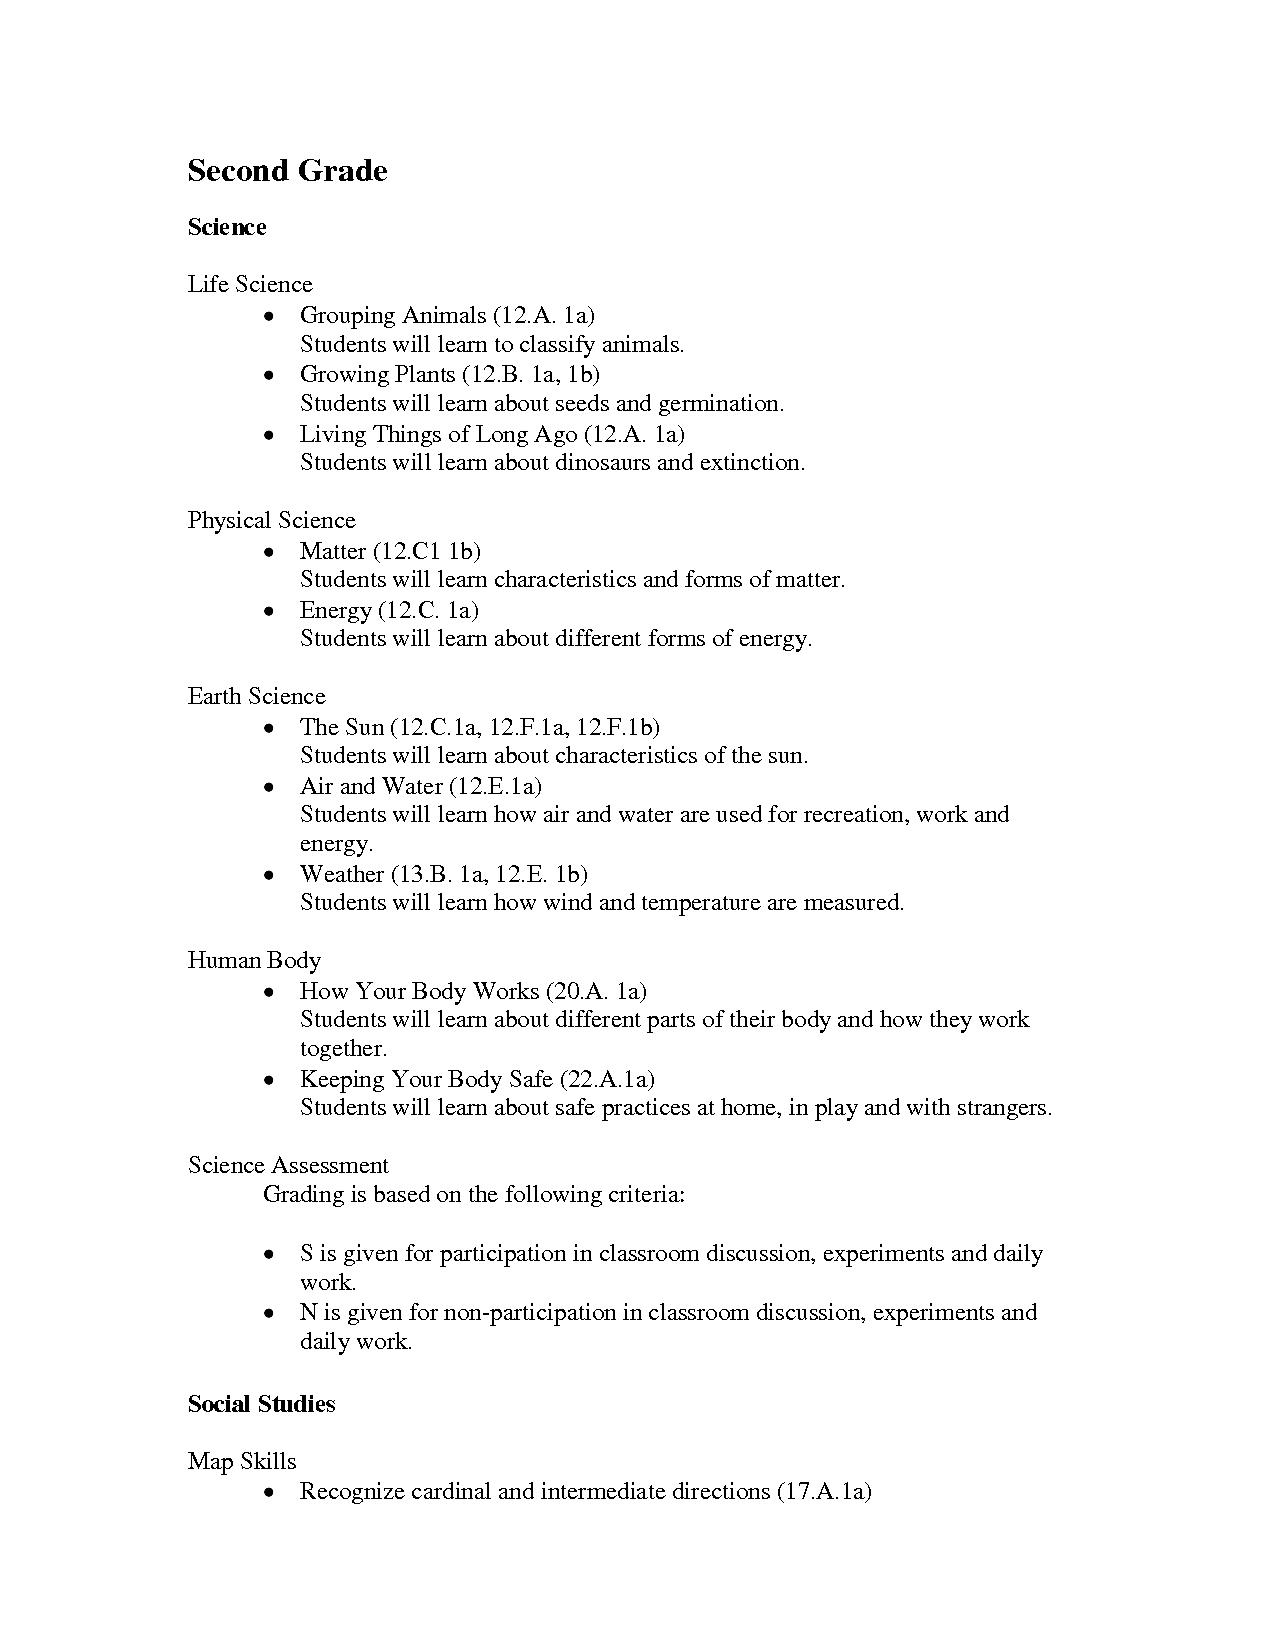 K 12 Reading Comprehension Worksheet